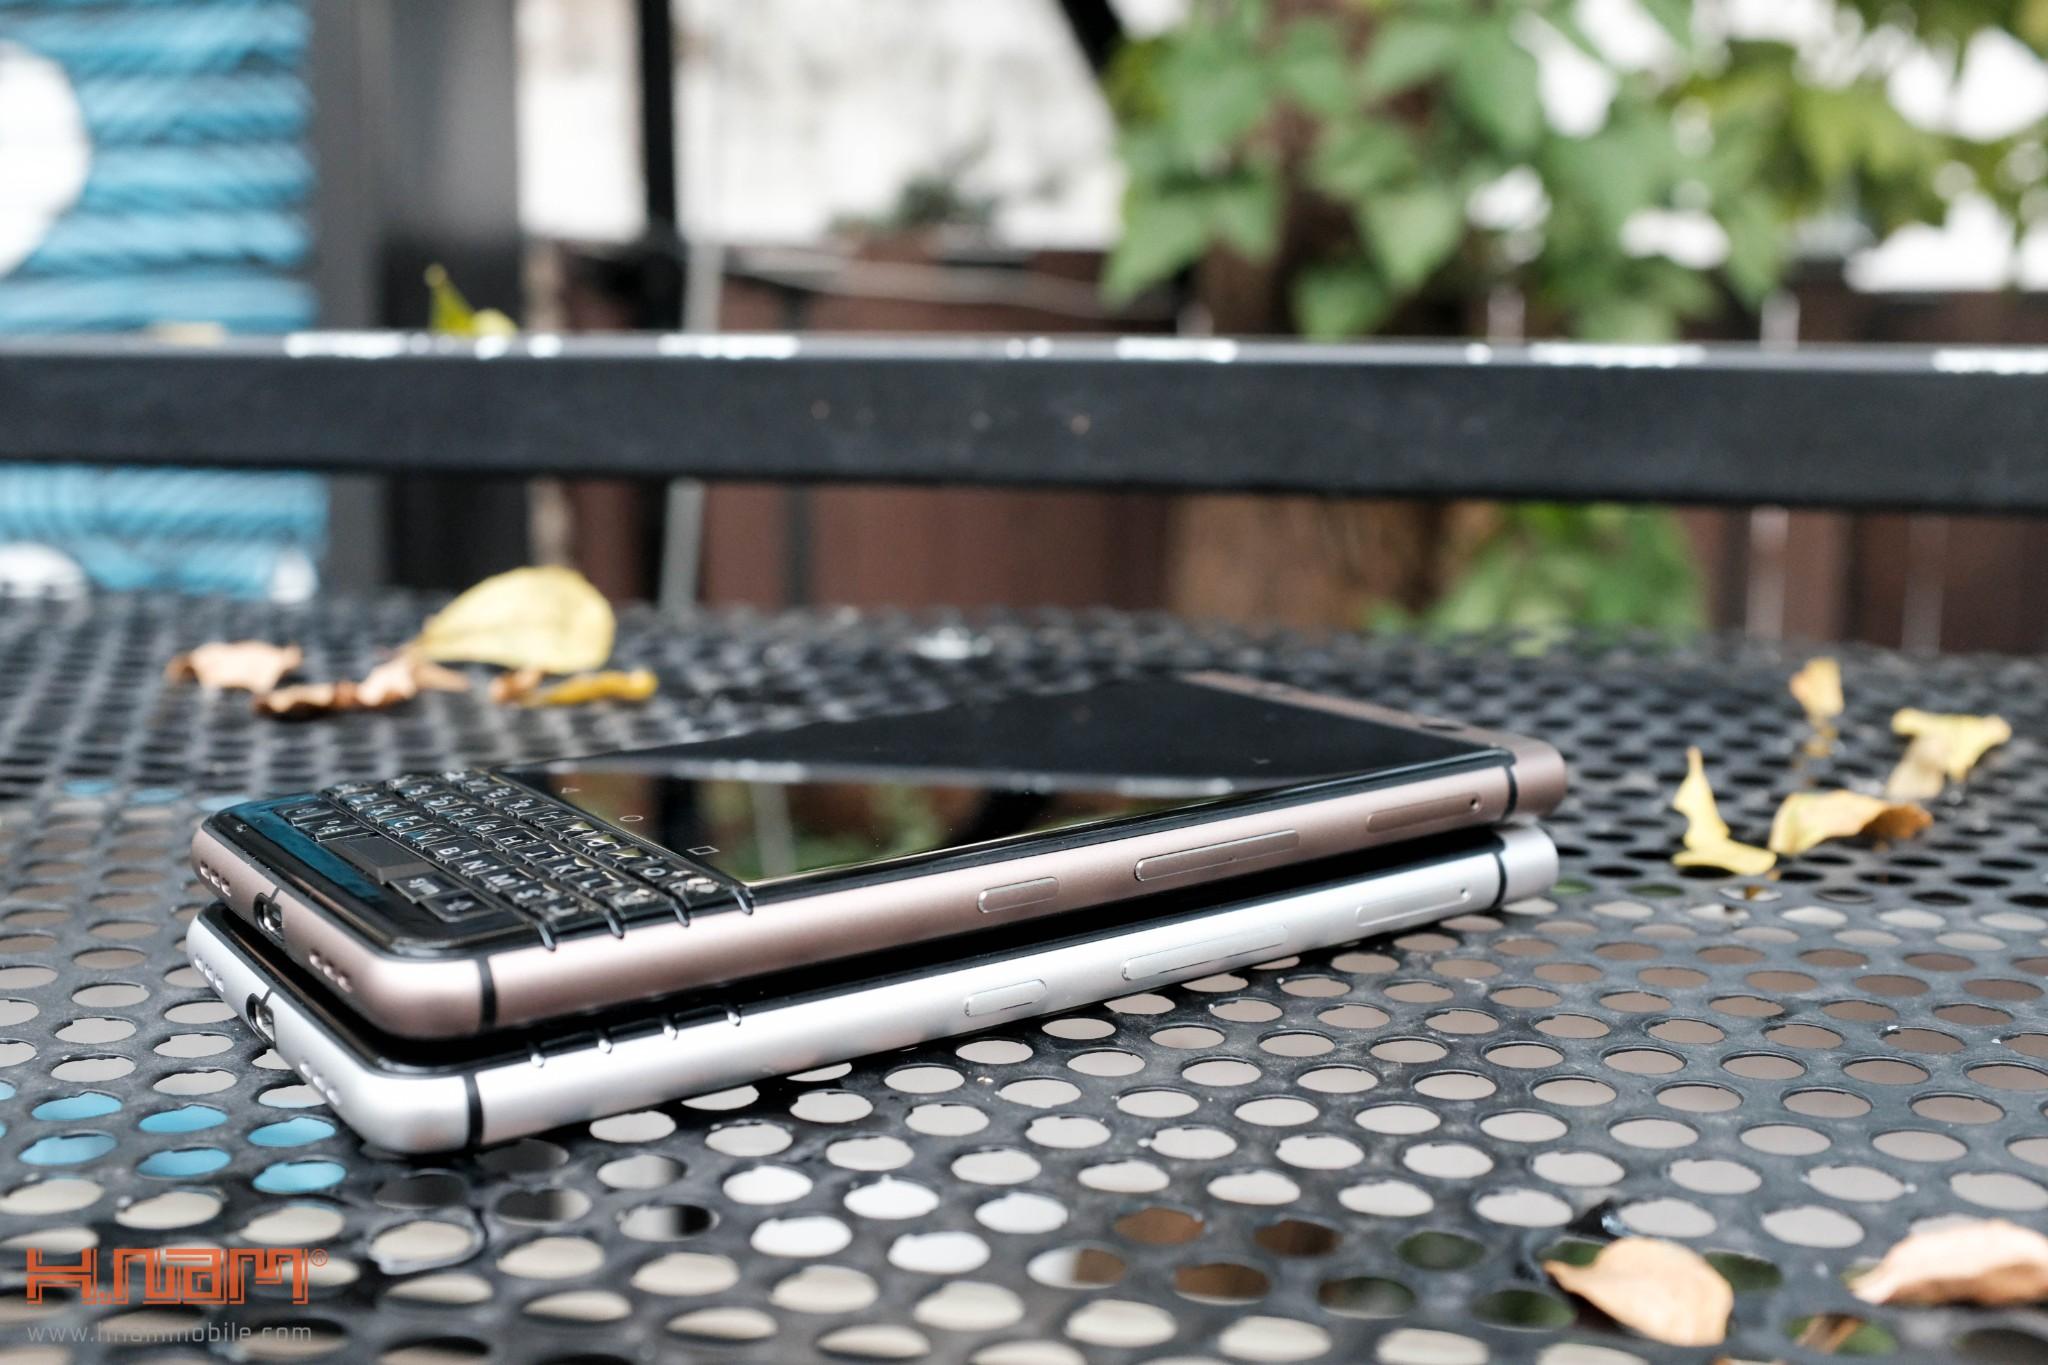 Trên tay Blackberry KEYone phiên bản màu Đồng cực chất! hình 21